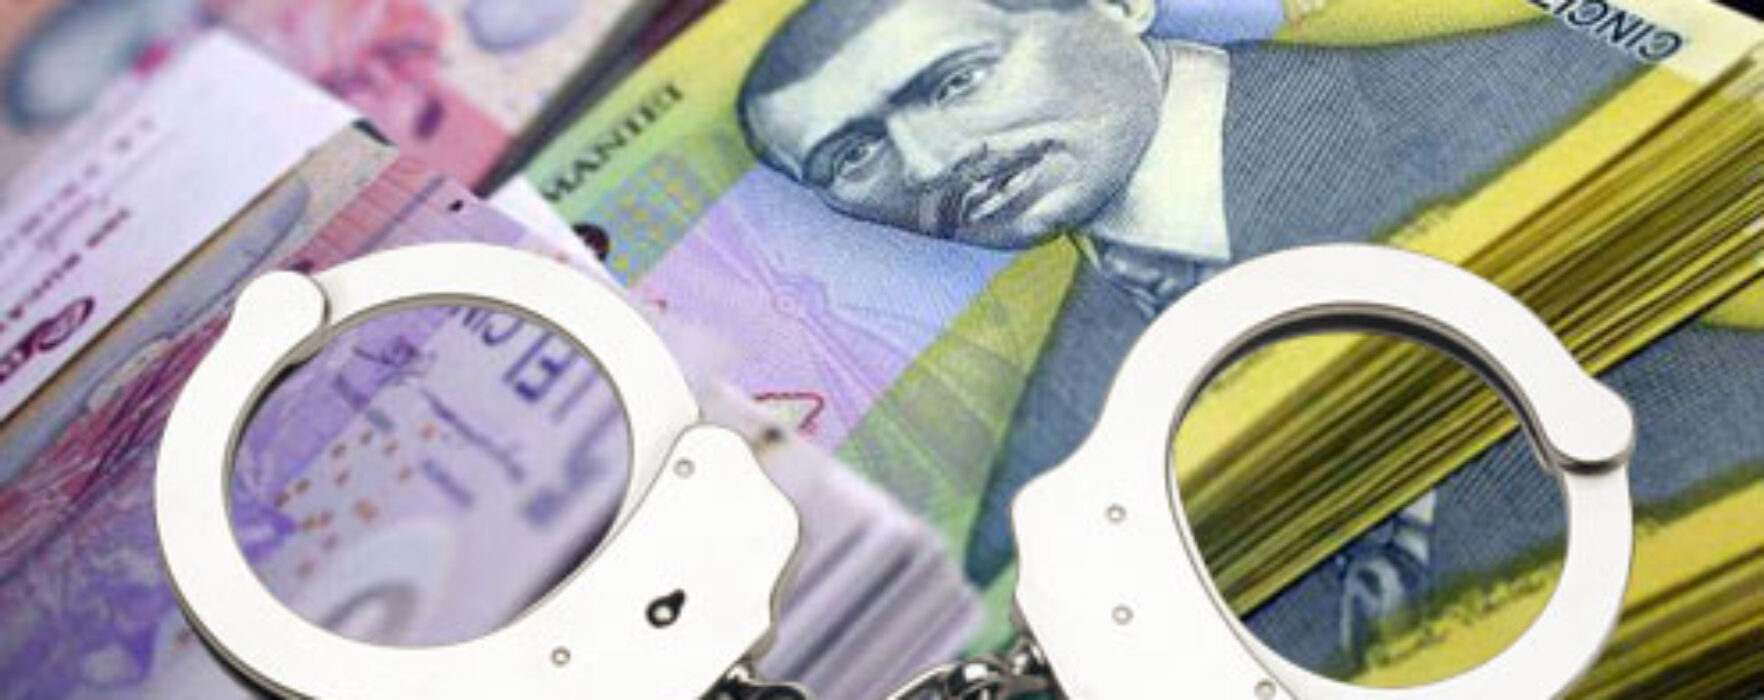 Poliţia Dâmboviţa: Nouă tentativă de înşelăciune prin metoda 'accidentul'